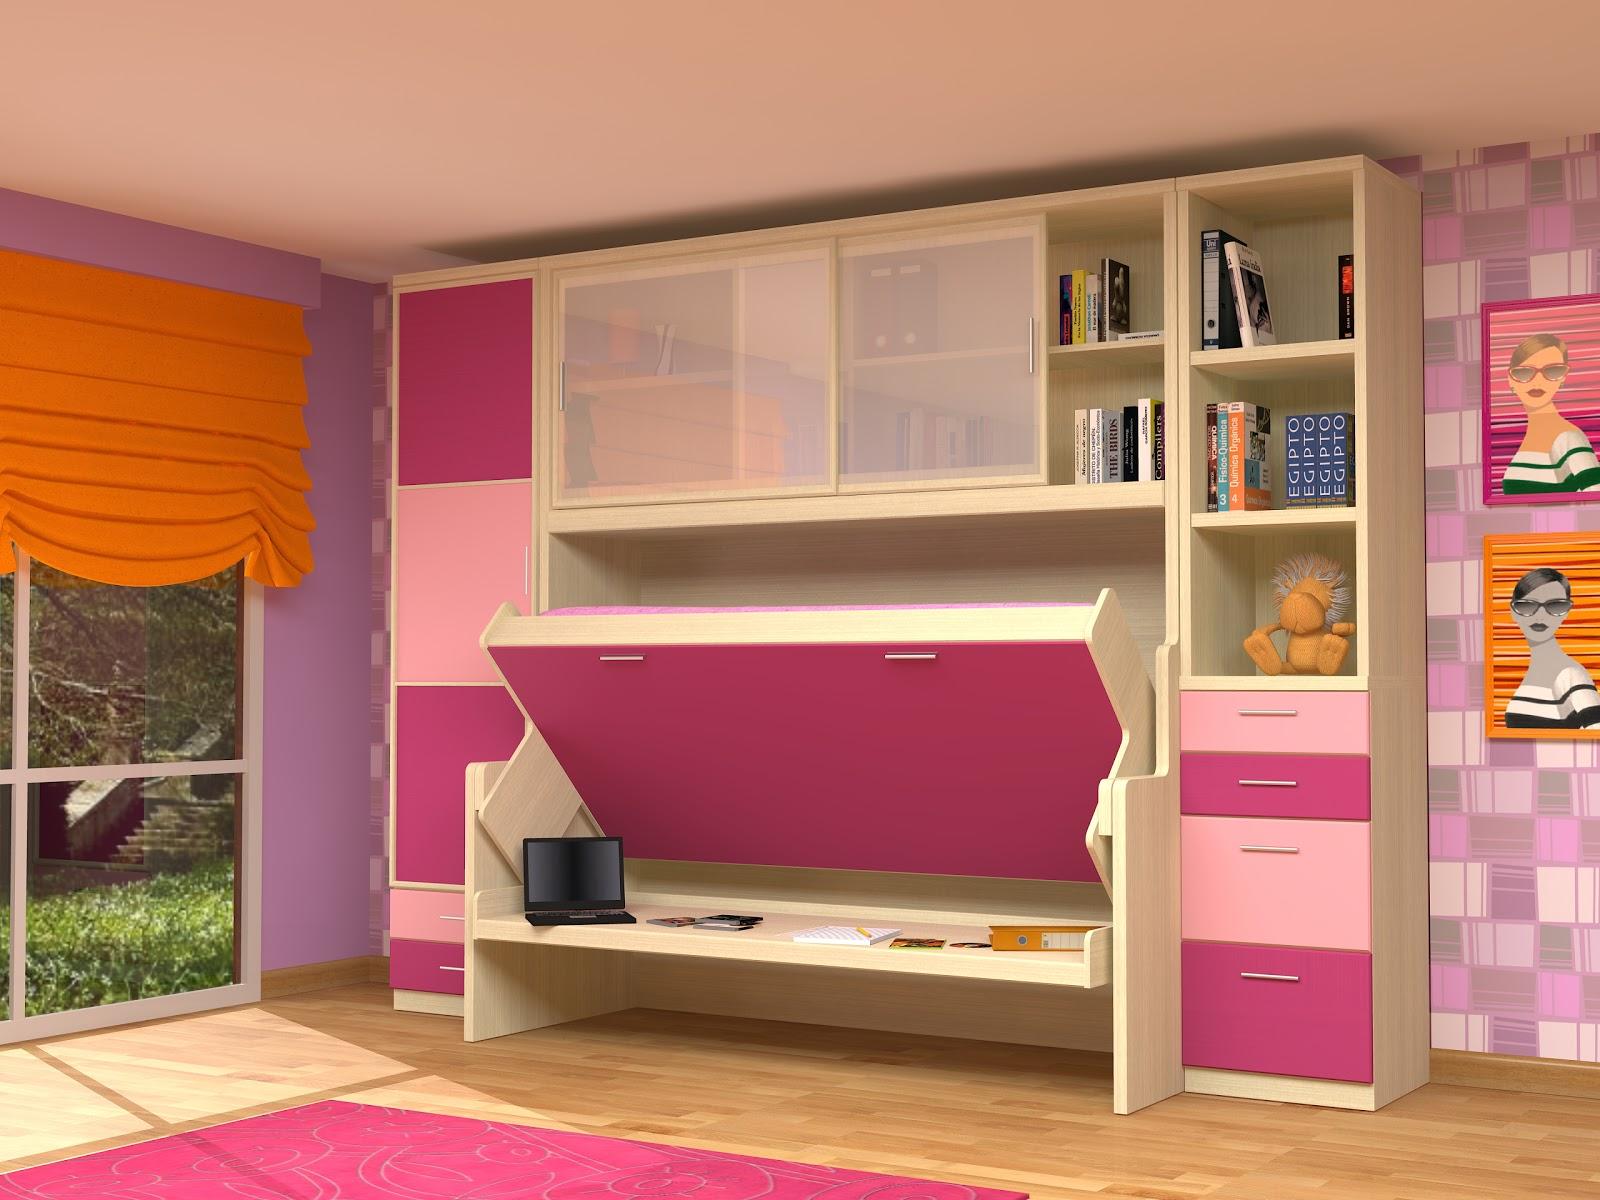 Cama mesa abatible camas autoportantes cama escritorio for Muebles de pared para dormitorio